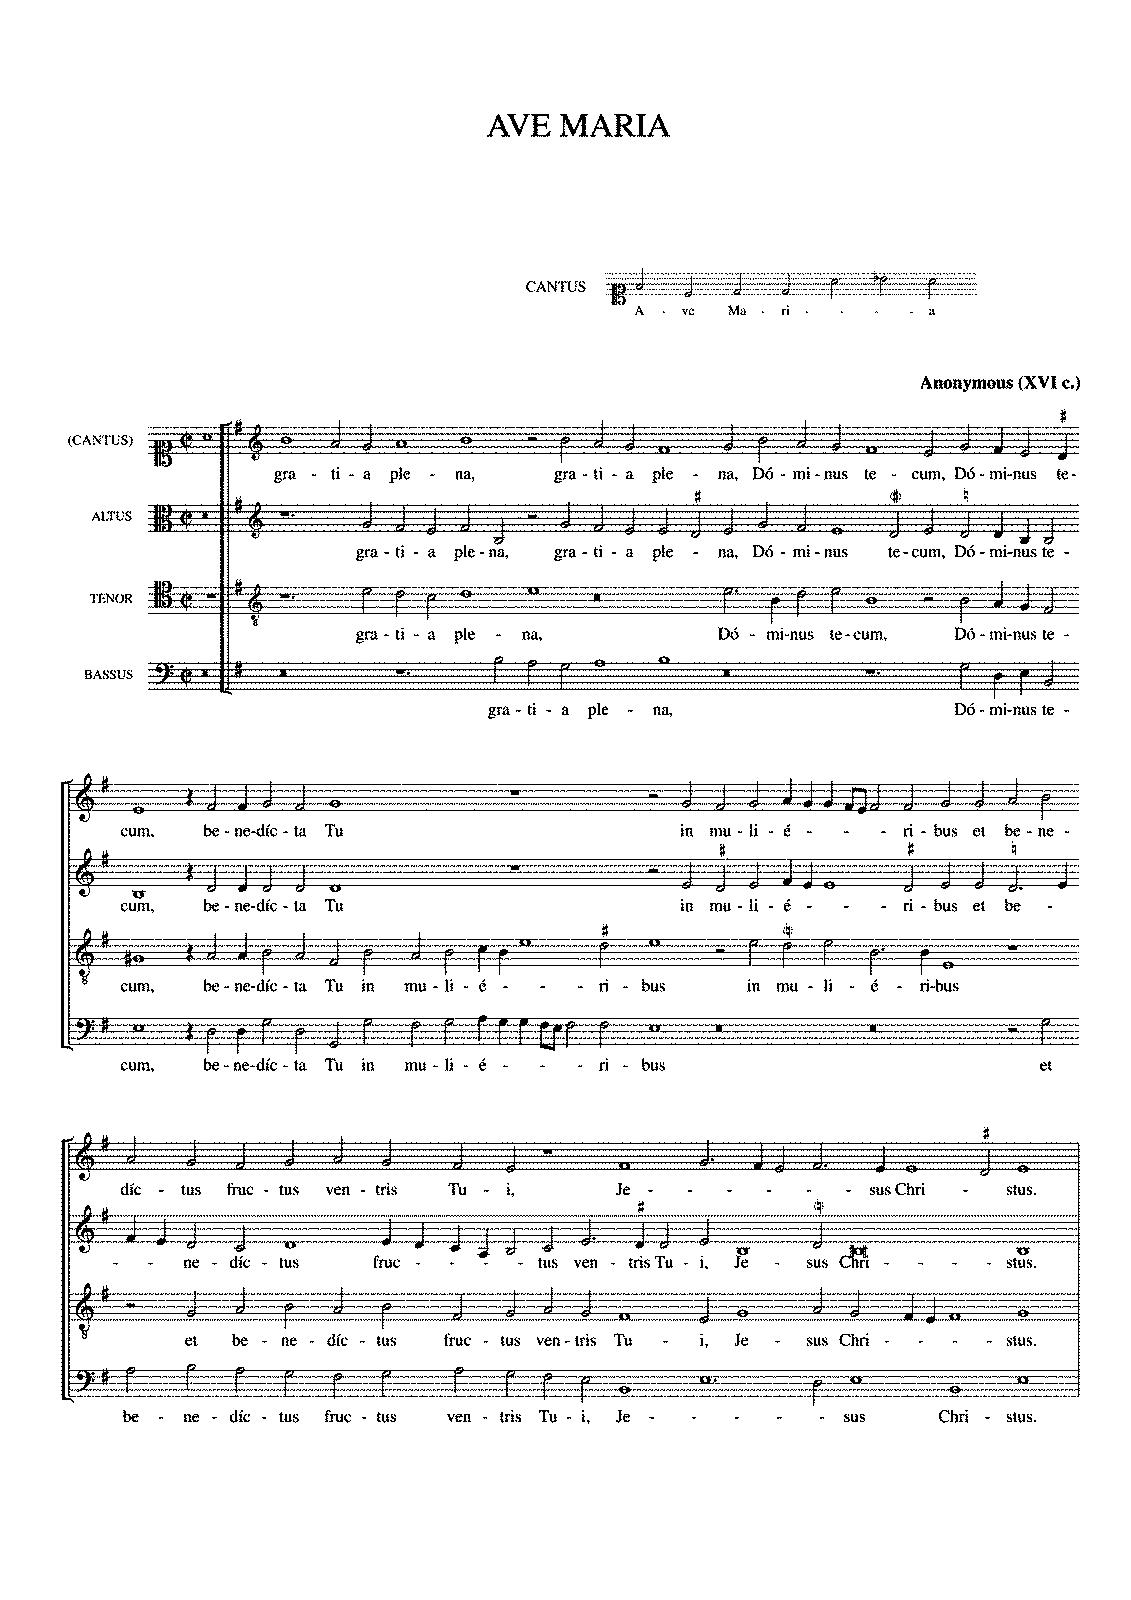 Préférence Ave Maria for 4 voices (Victoria, Tomás Luis de) - IMSLP/Petrucci  JA68